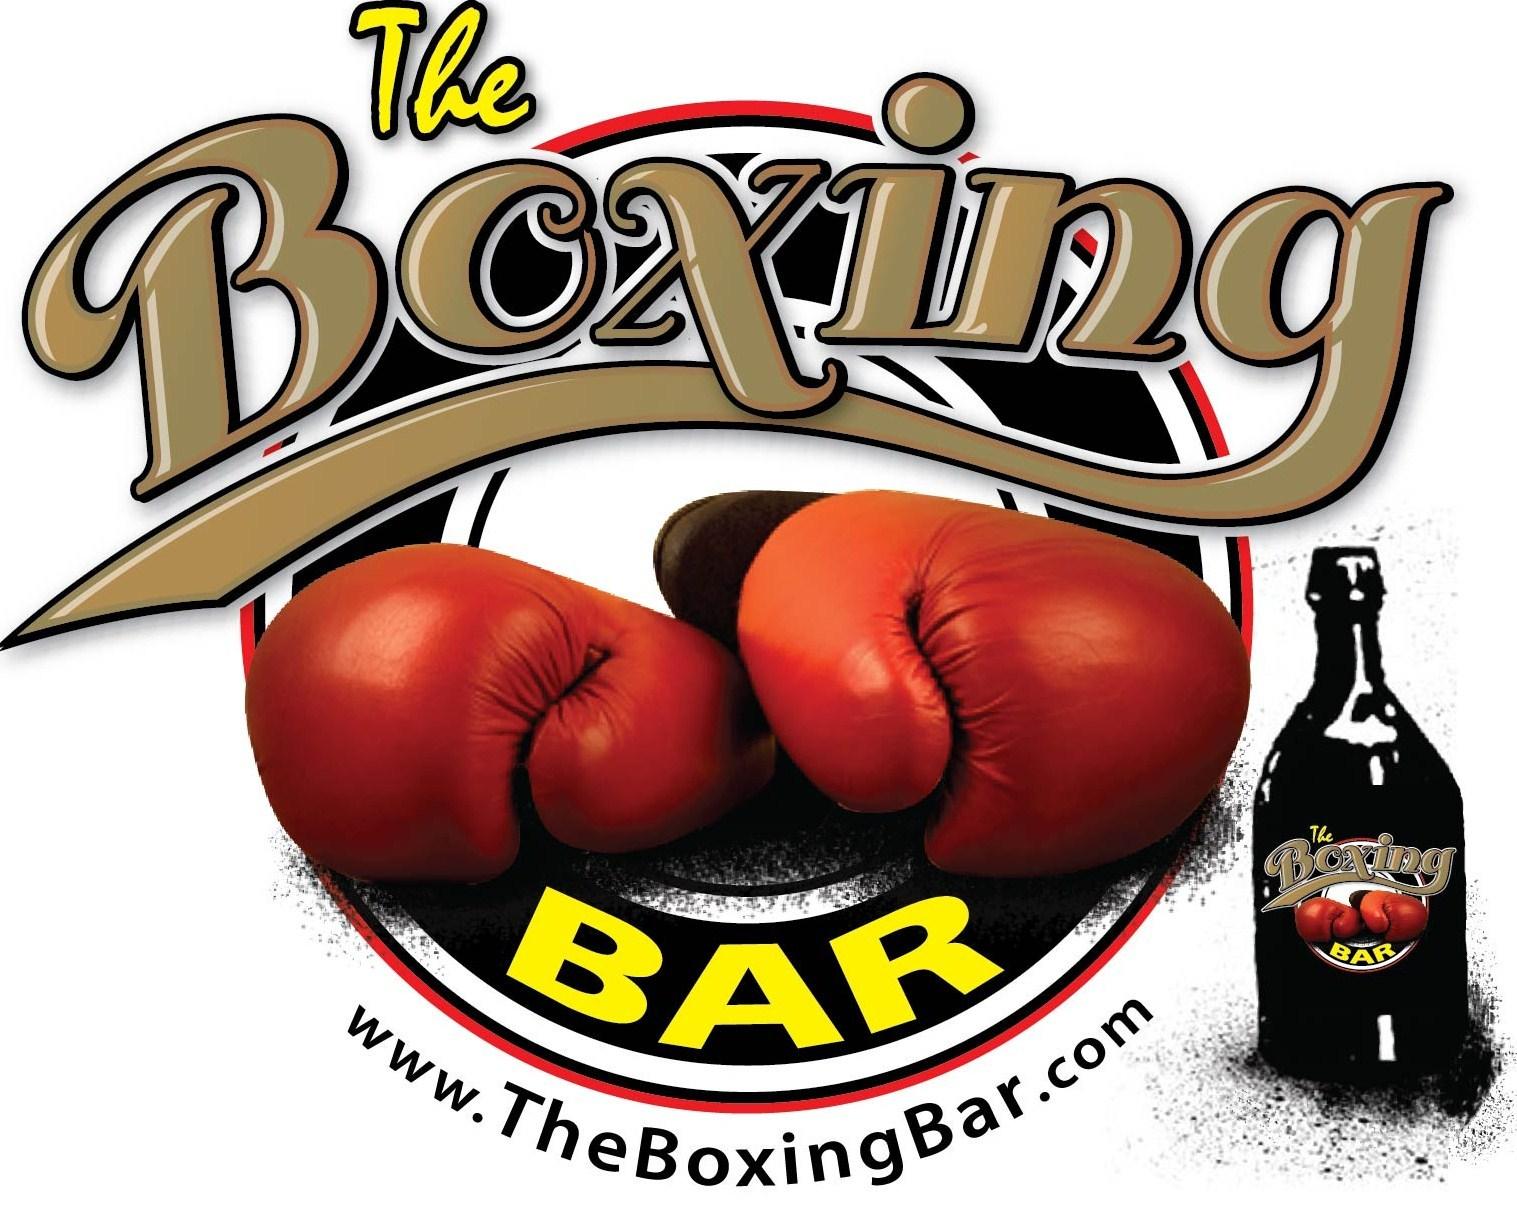 TheBoxingBar.com's podcast